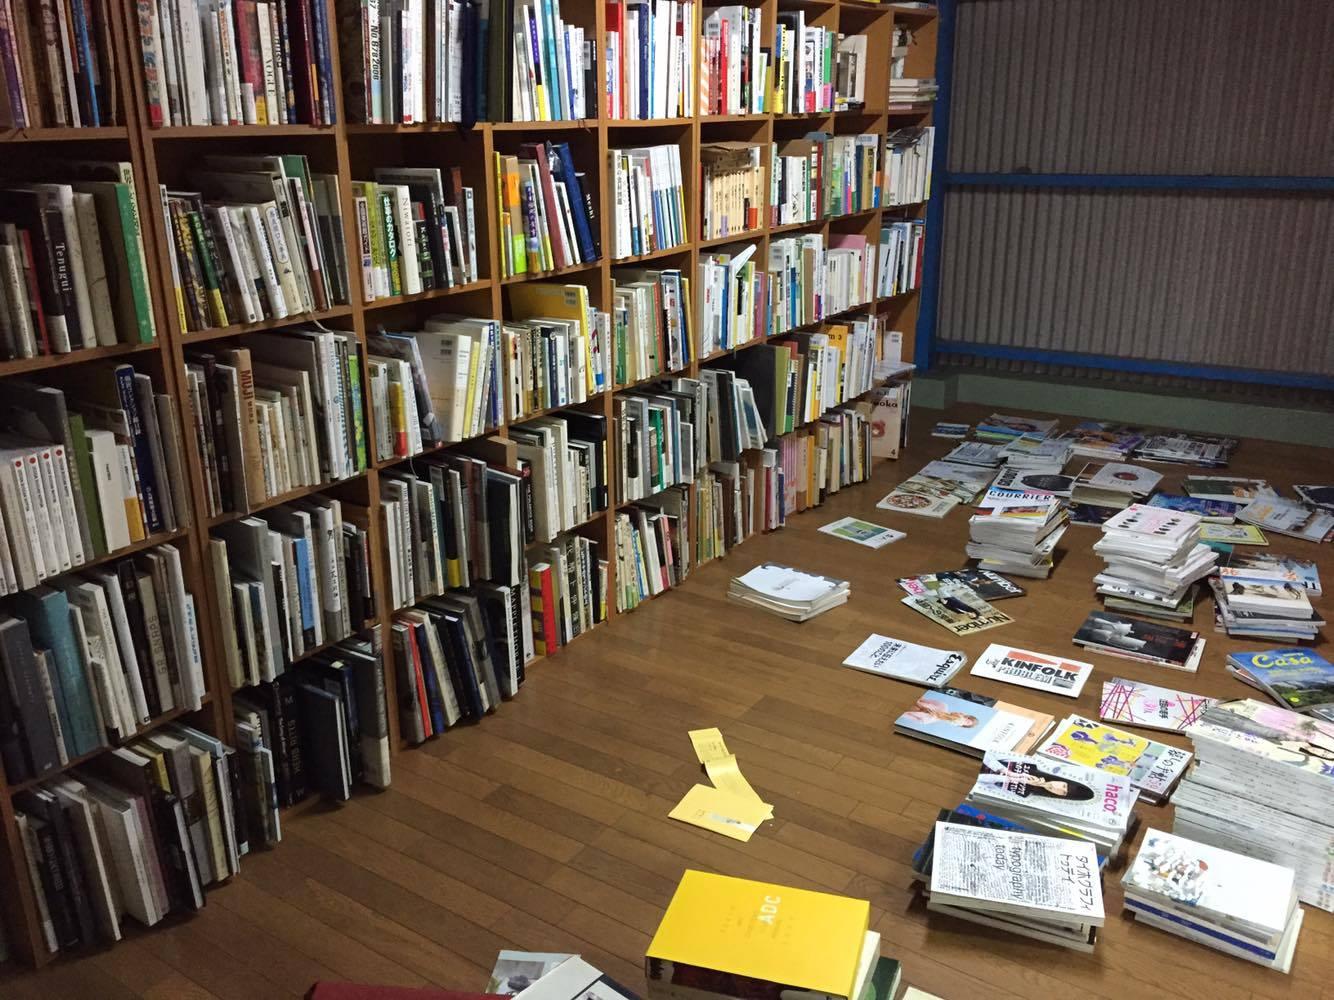 無類の本好きな白水さん。蔵書は2500冊を超えるんだそう。